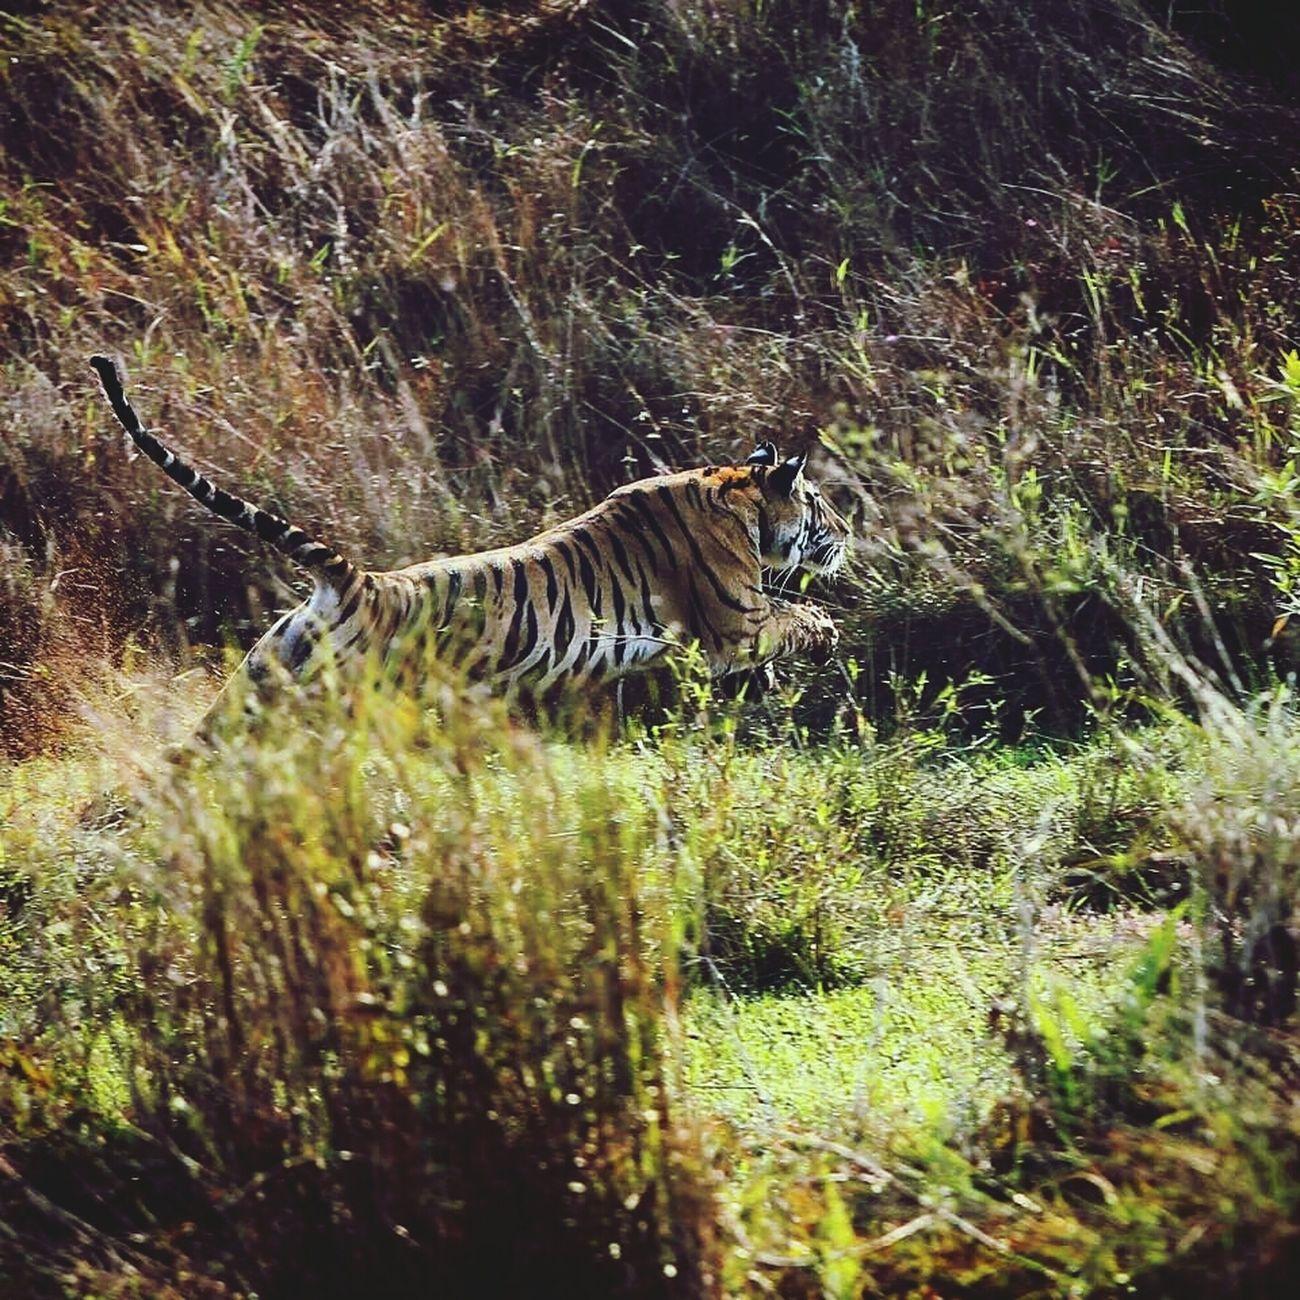 Flying Tiger Bandavgragh Bigcat